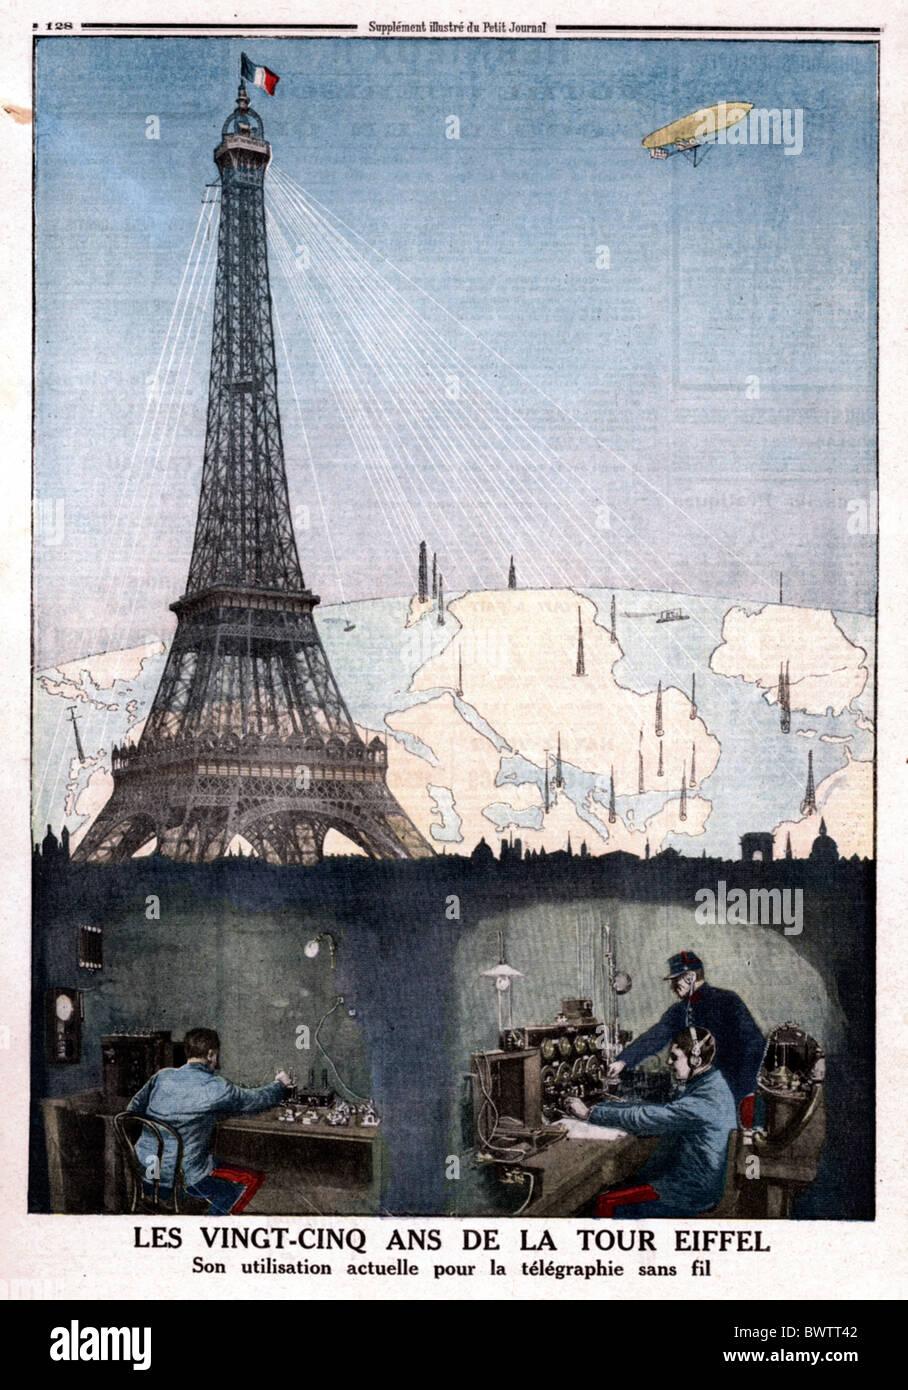 Le Petit Journal illustration 1914 Tour Eiffel Paris France Europe historique historique history magazine co Photo Stock